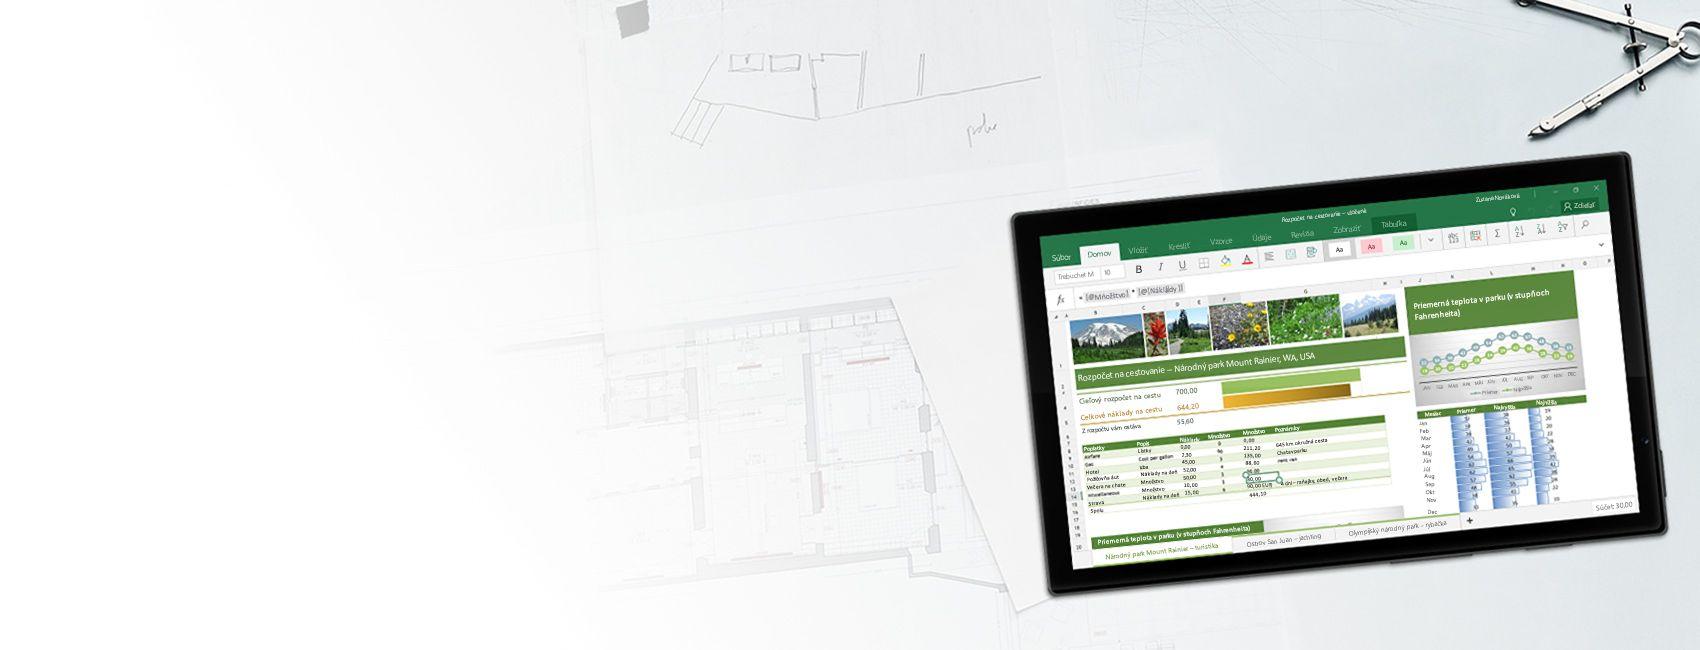 Tablet sWindowsom zobrazujúci excelový tabuľkový hárok so vzorovým grafom acestovným rozpočtom vExceli pre Windows 10 Mobile